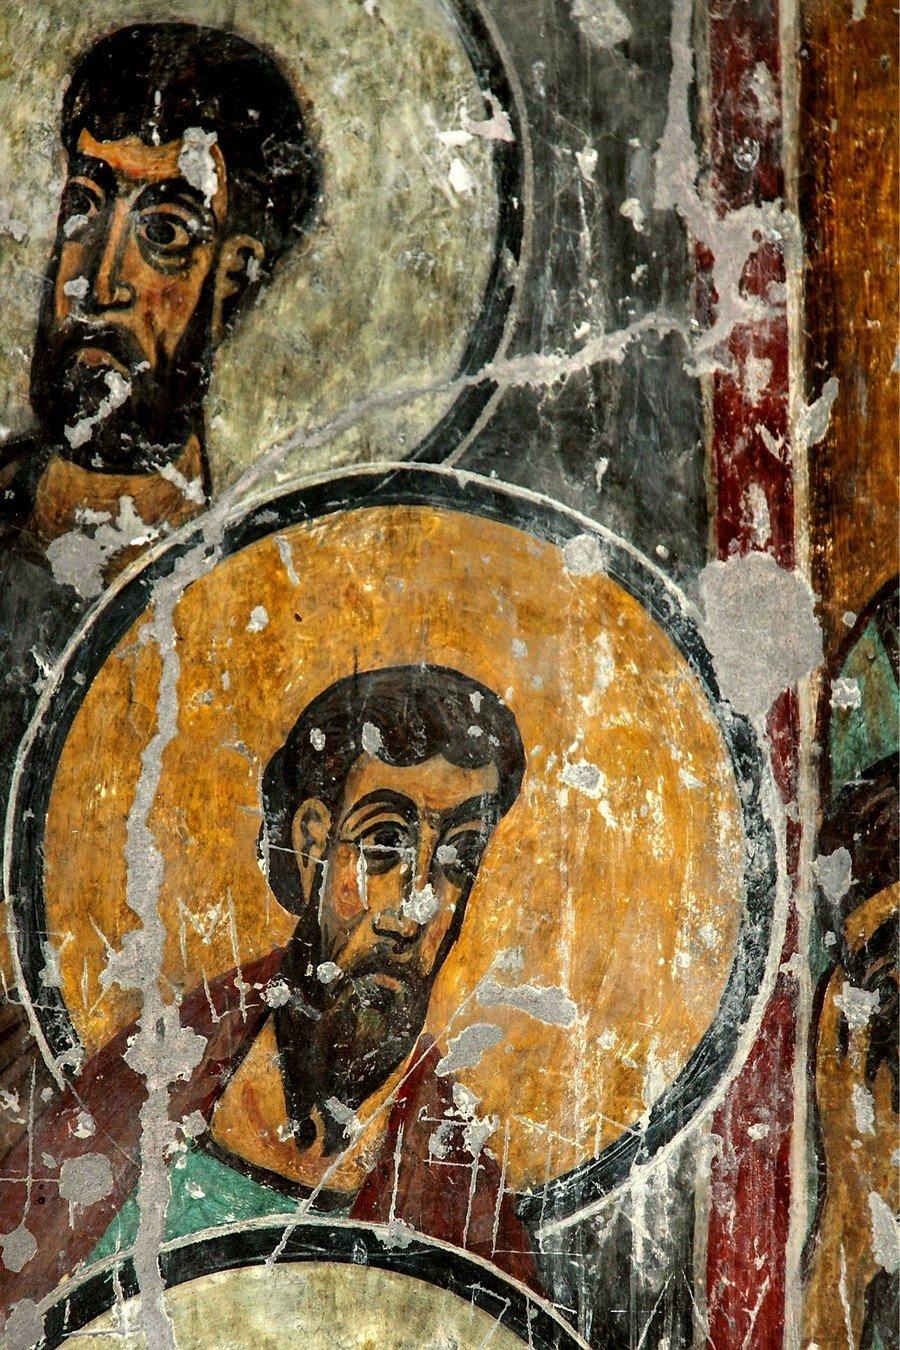 Фрески монастыря Святого Георгия в Чуле (монастыря Чулеви), Грузия. 1381 год. Иконописец Арсен. Сошествие Святого Духа на Апостолов.